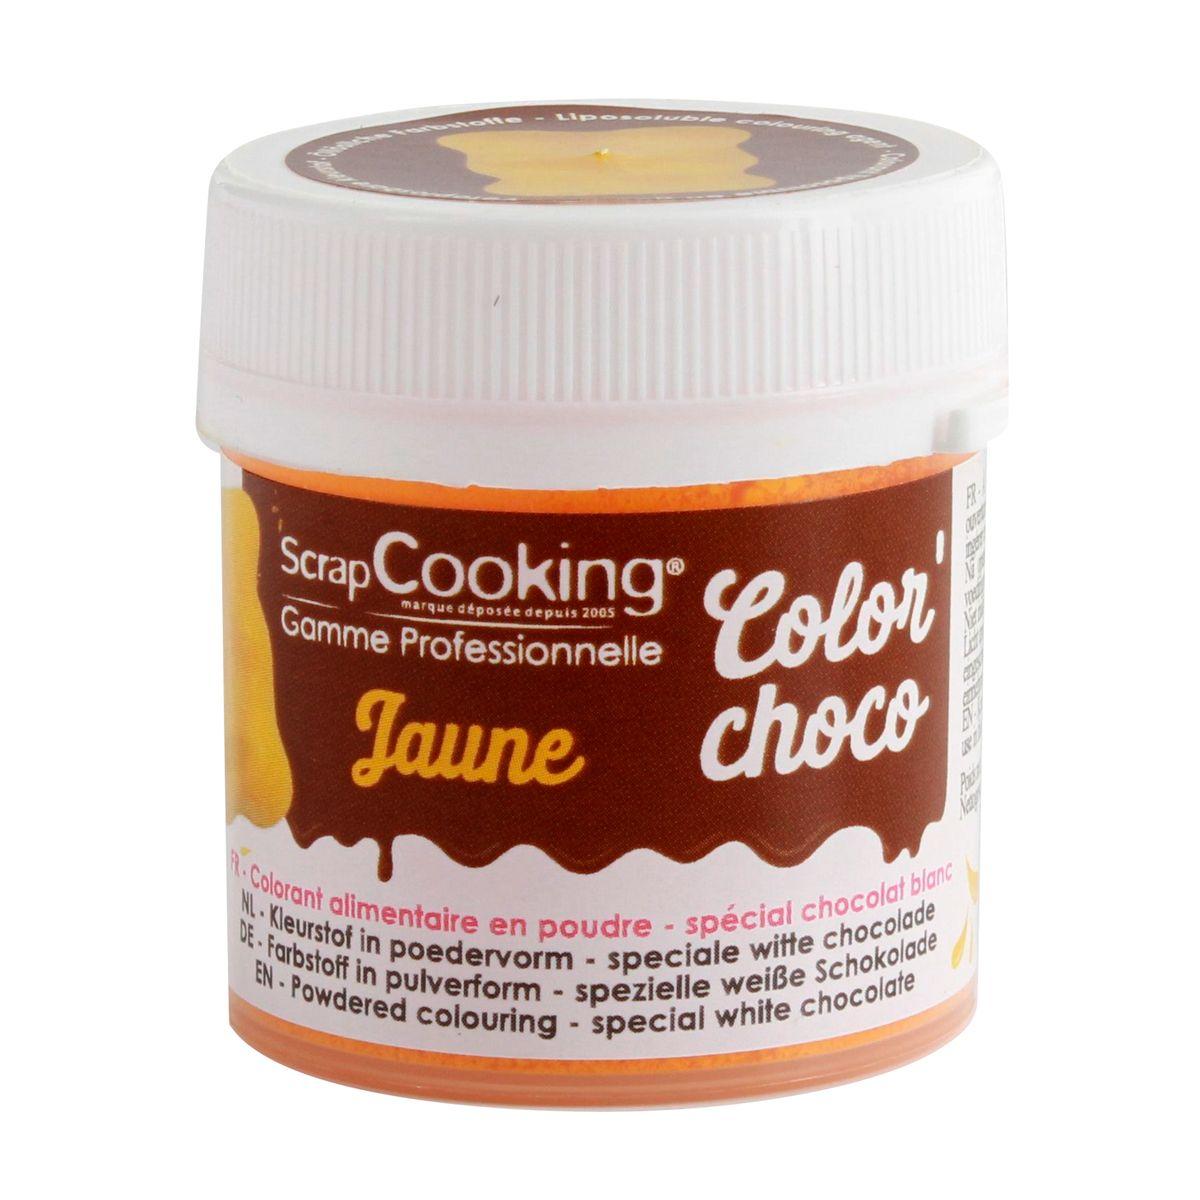 Colorant alimentaire en poudre liposoluble jaune idéal pour colorer le chocolat blanc 5gr - Scrapcooking